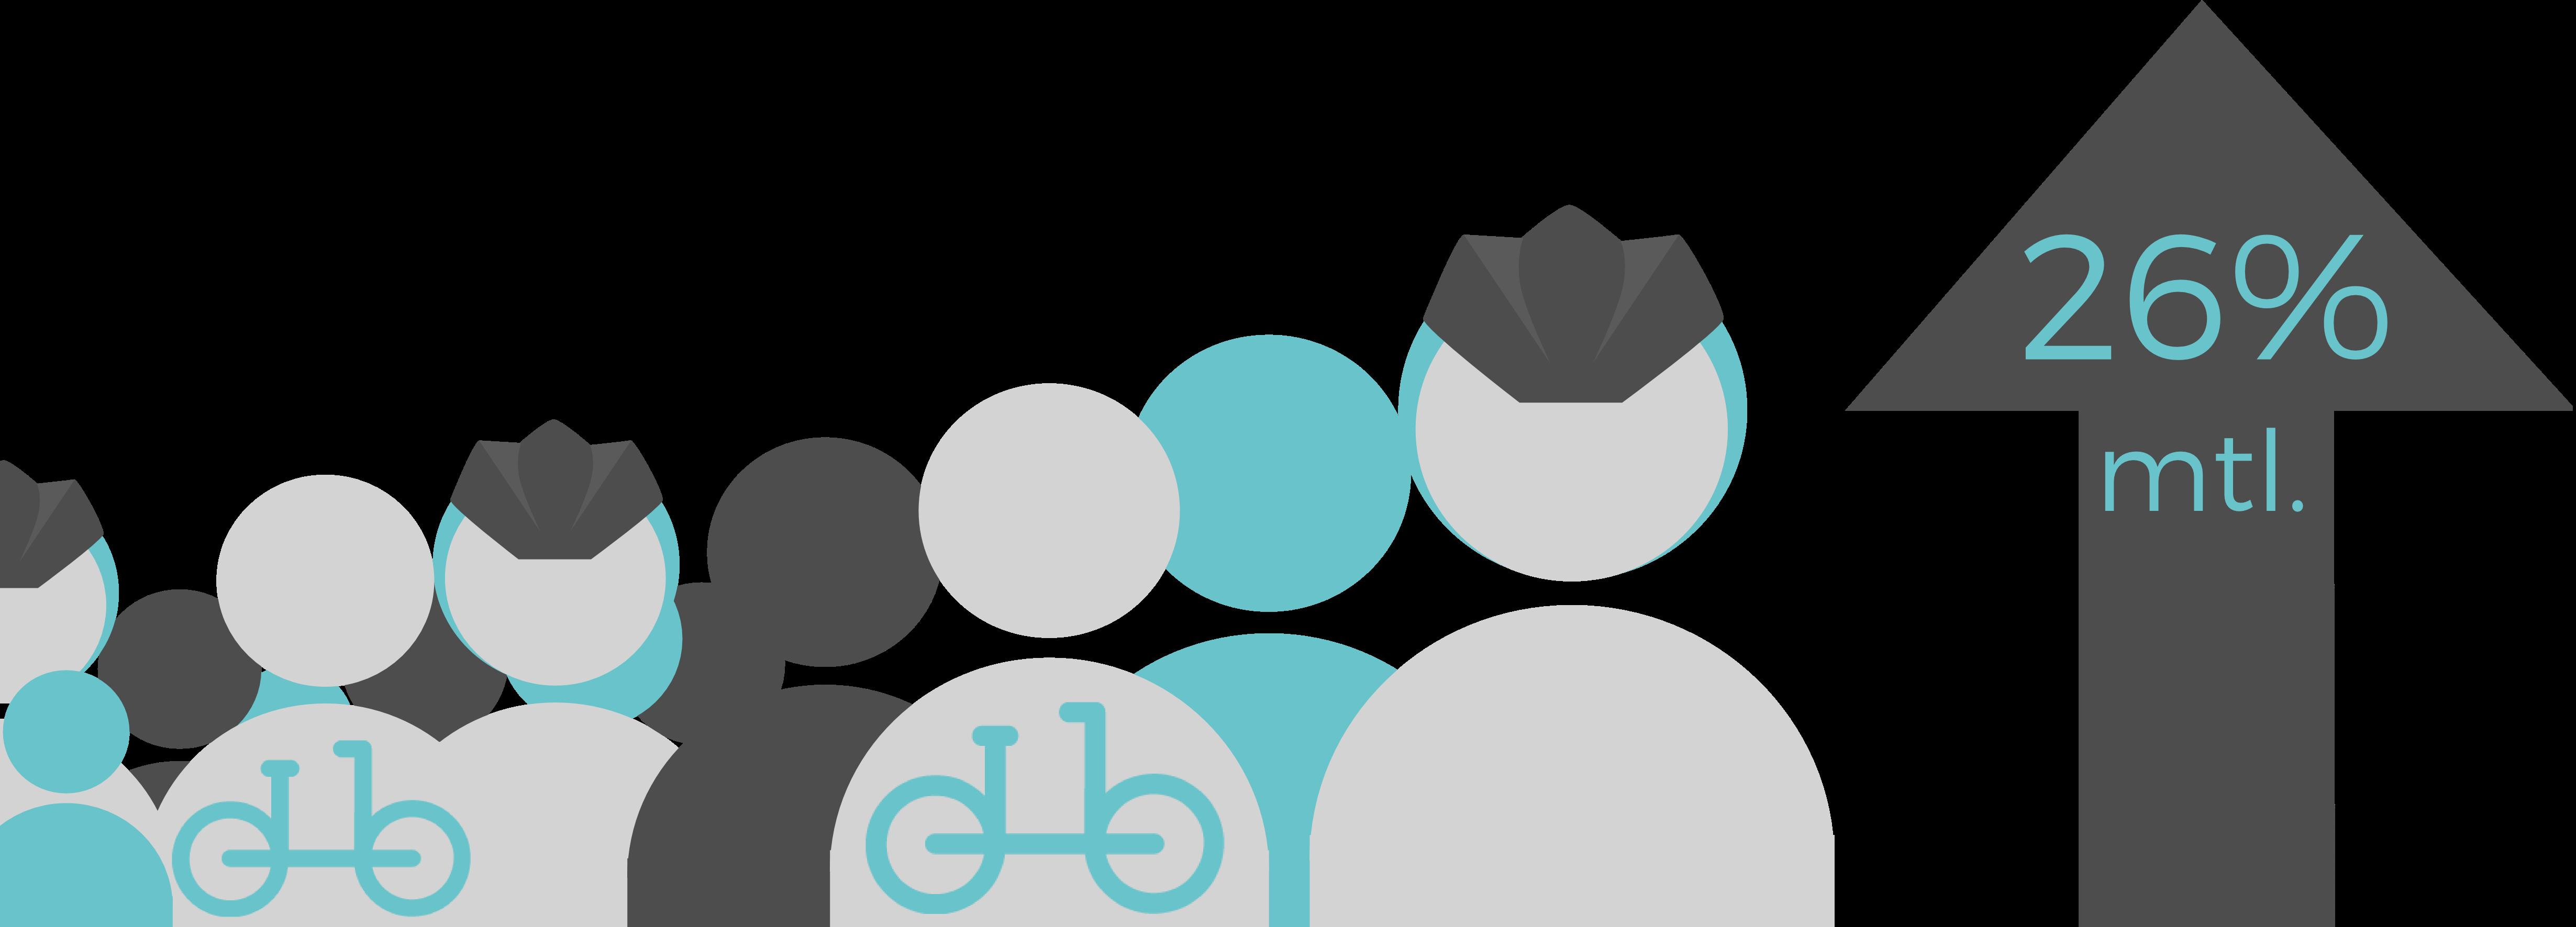 PB_Nutzer steigen grafik